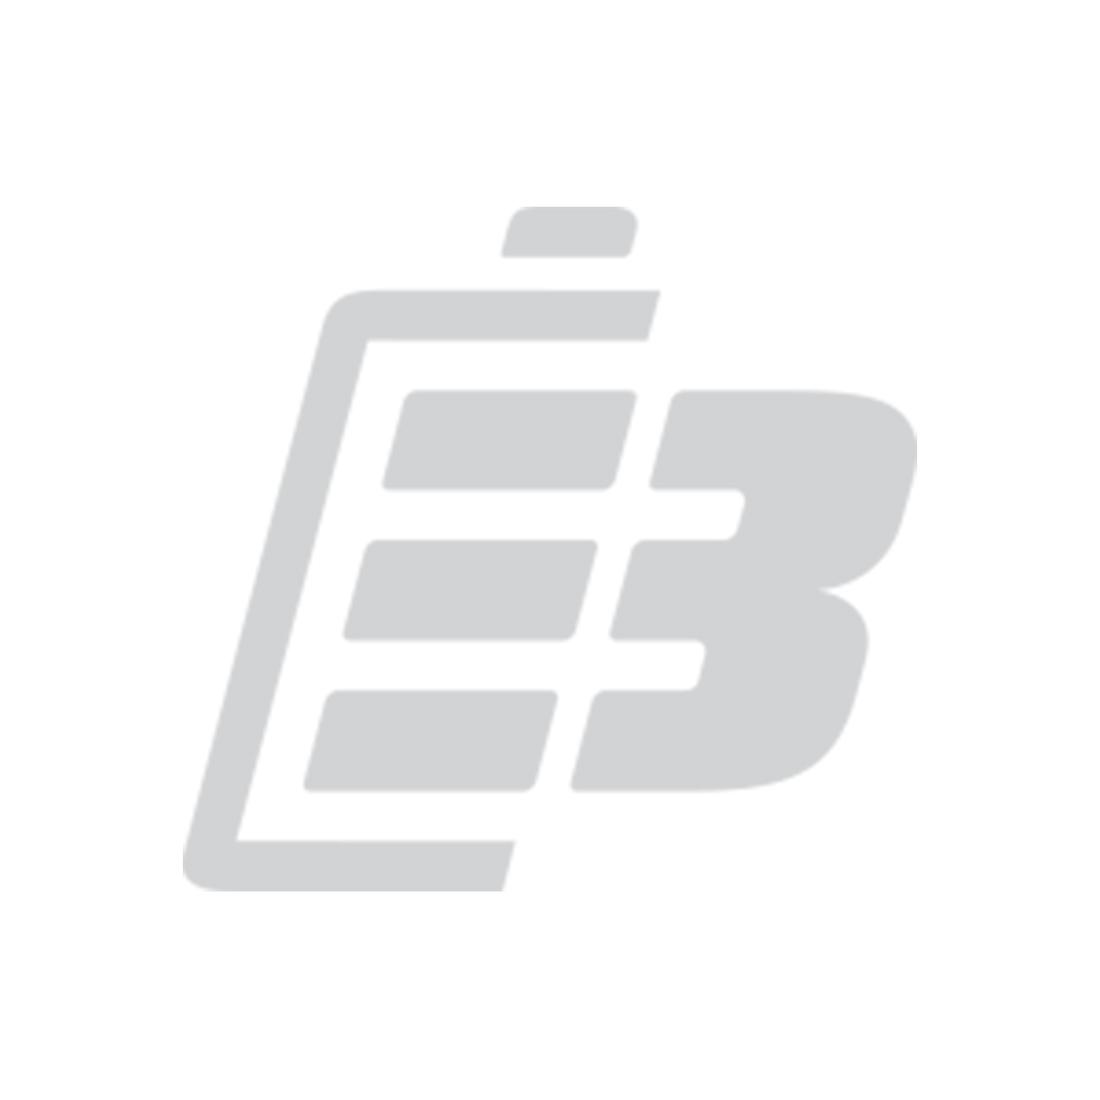 Camcorder battery charger JVC BN-V507_1